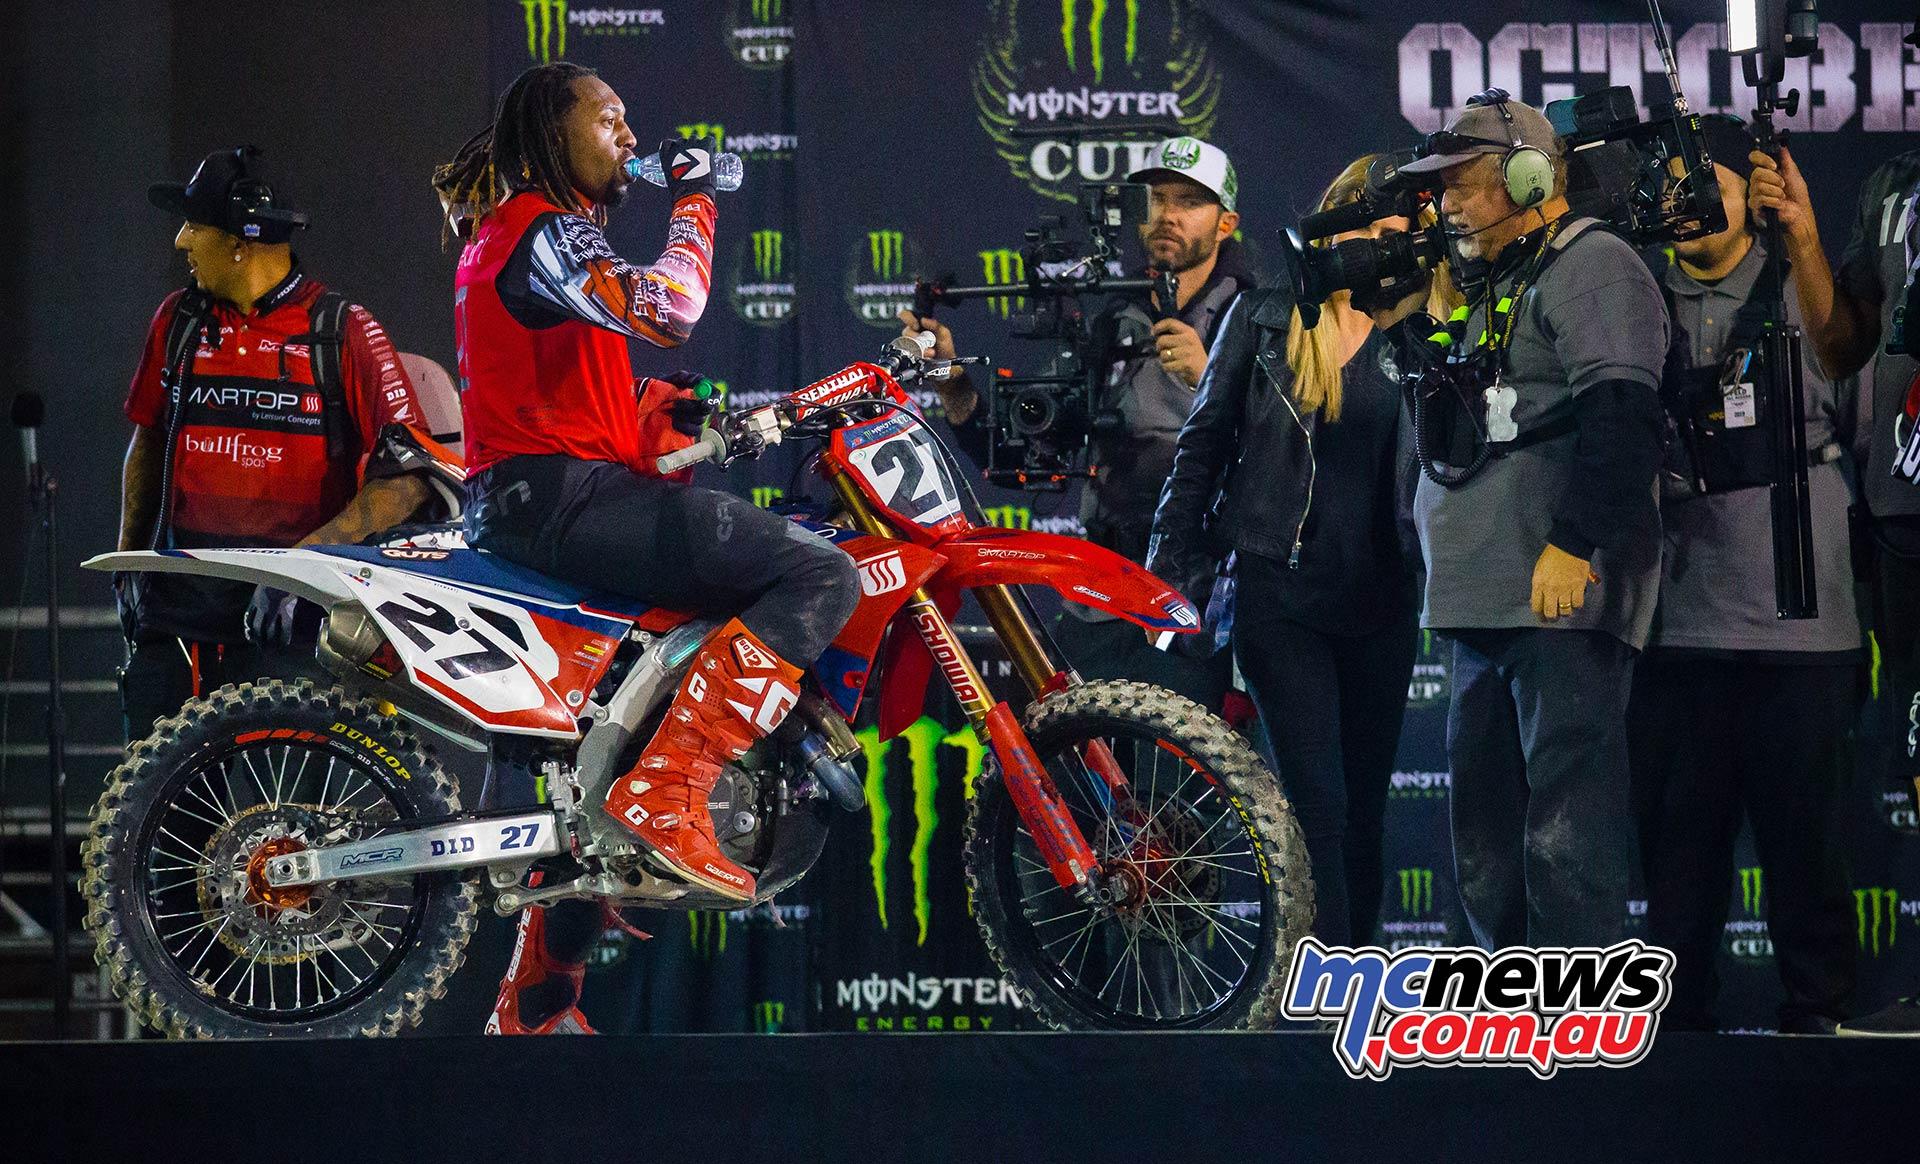 Monster Energy Cup StewartM JK MEC